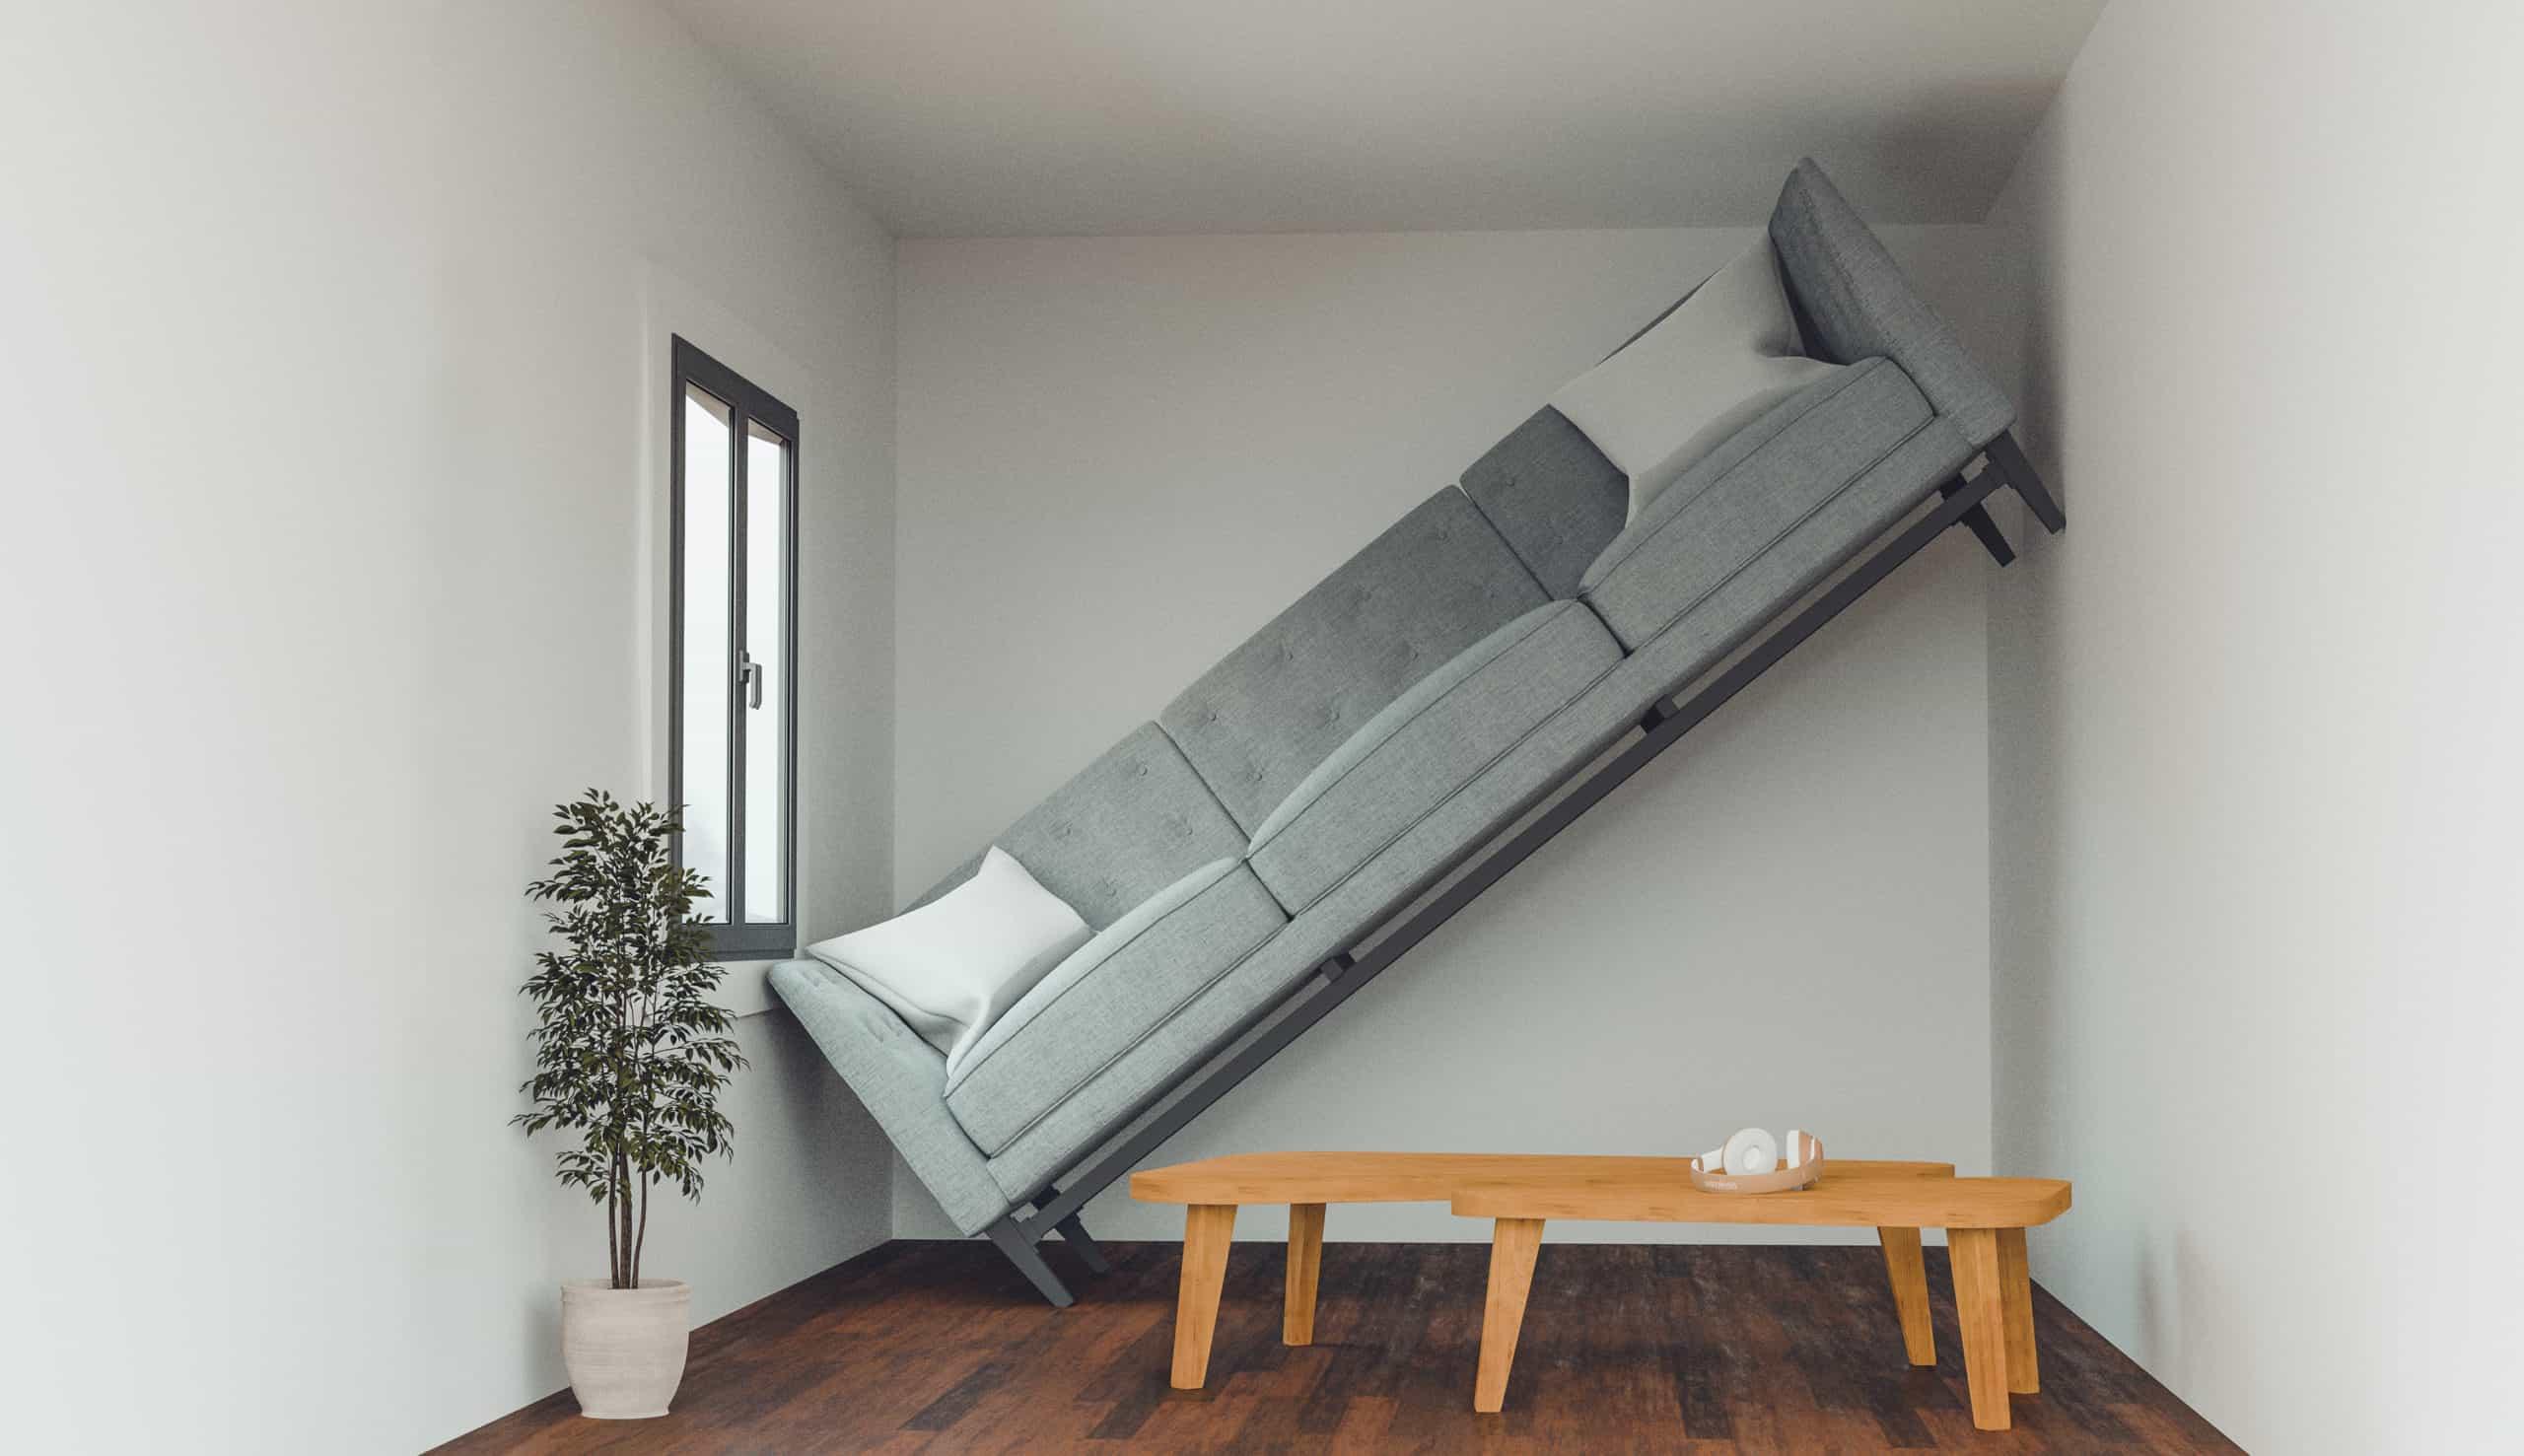 Prinzipdarstellung Fehler in der Konzeptplanung bei Bestimmung Flächenbedarf Wohnzimmer für Sofa